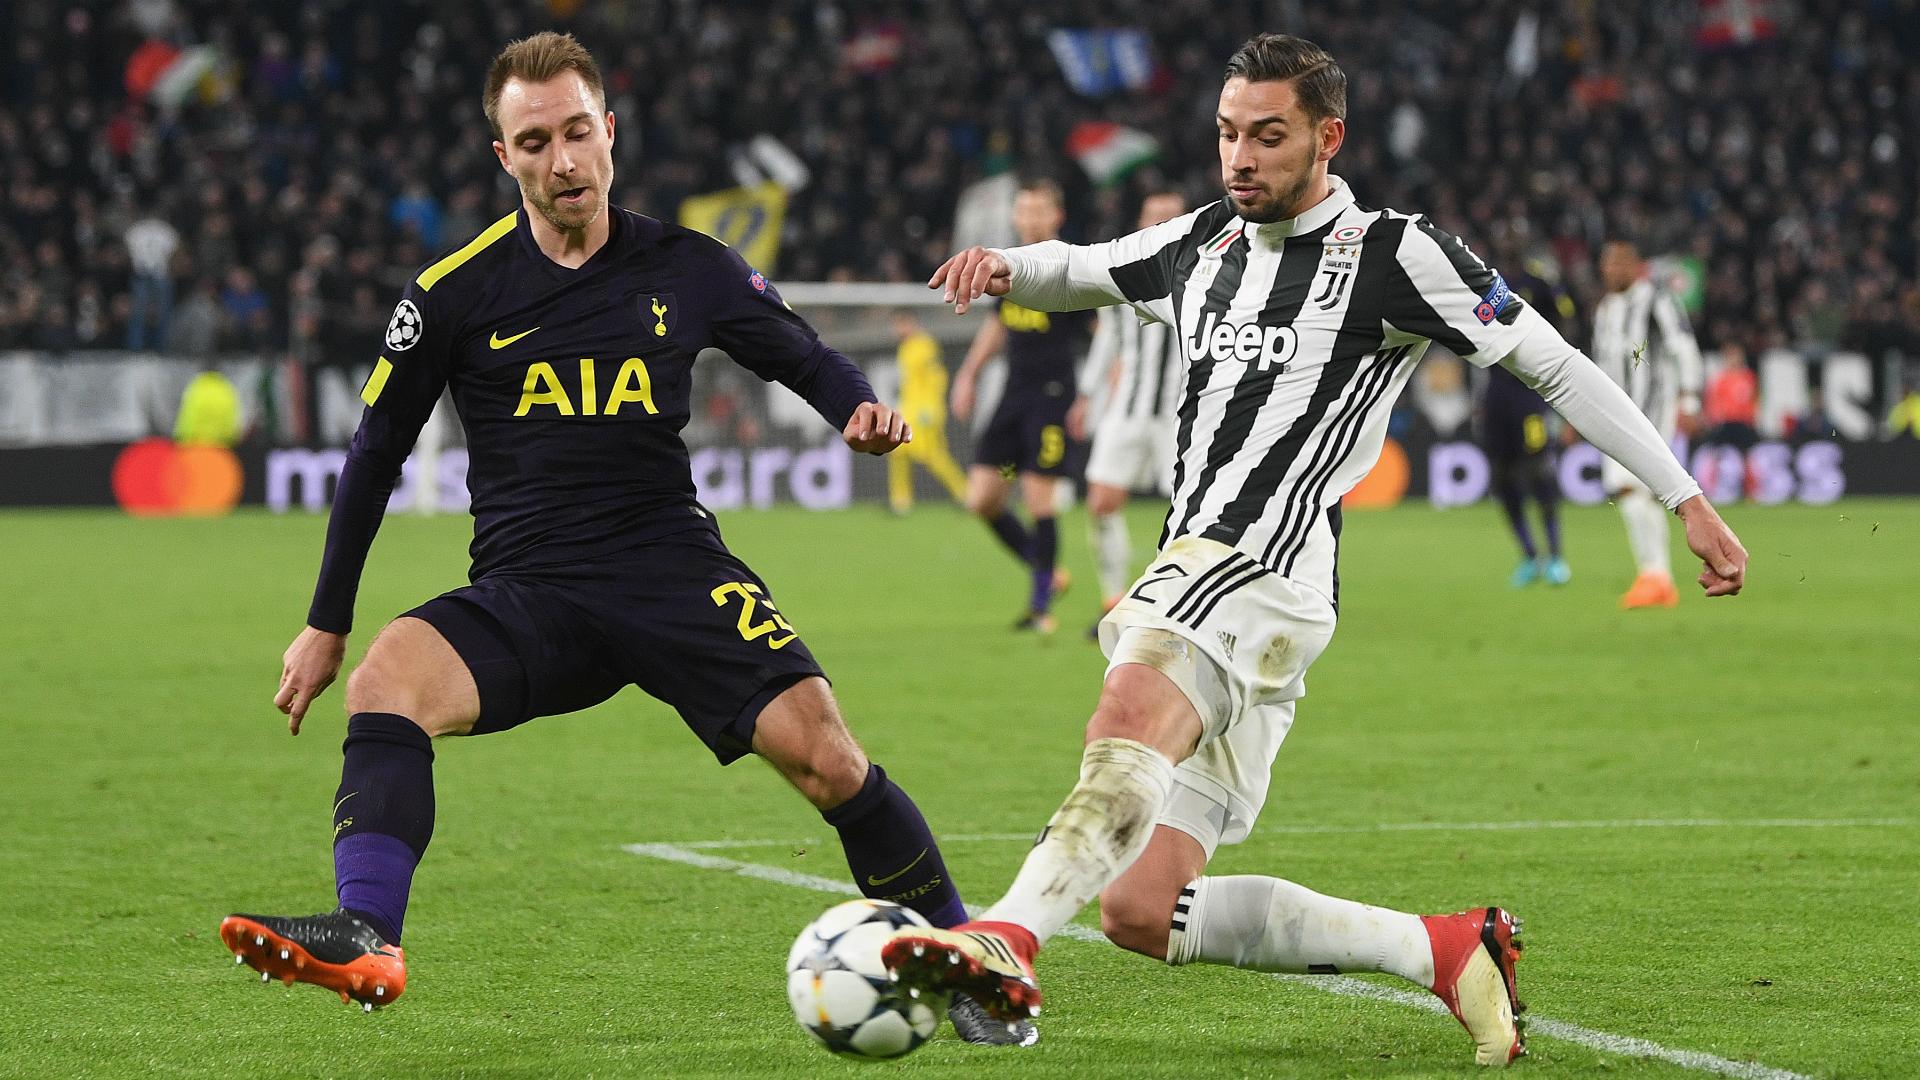 Juventus defender De Sciglio eyes Premier League challenge in Champions League last 16